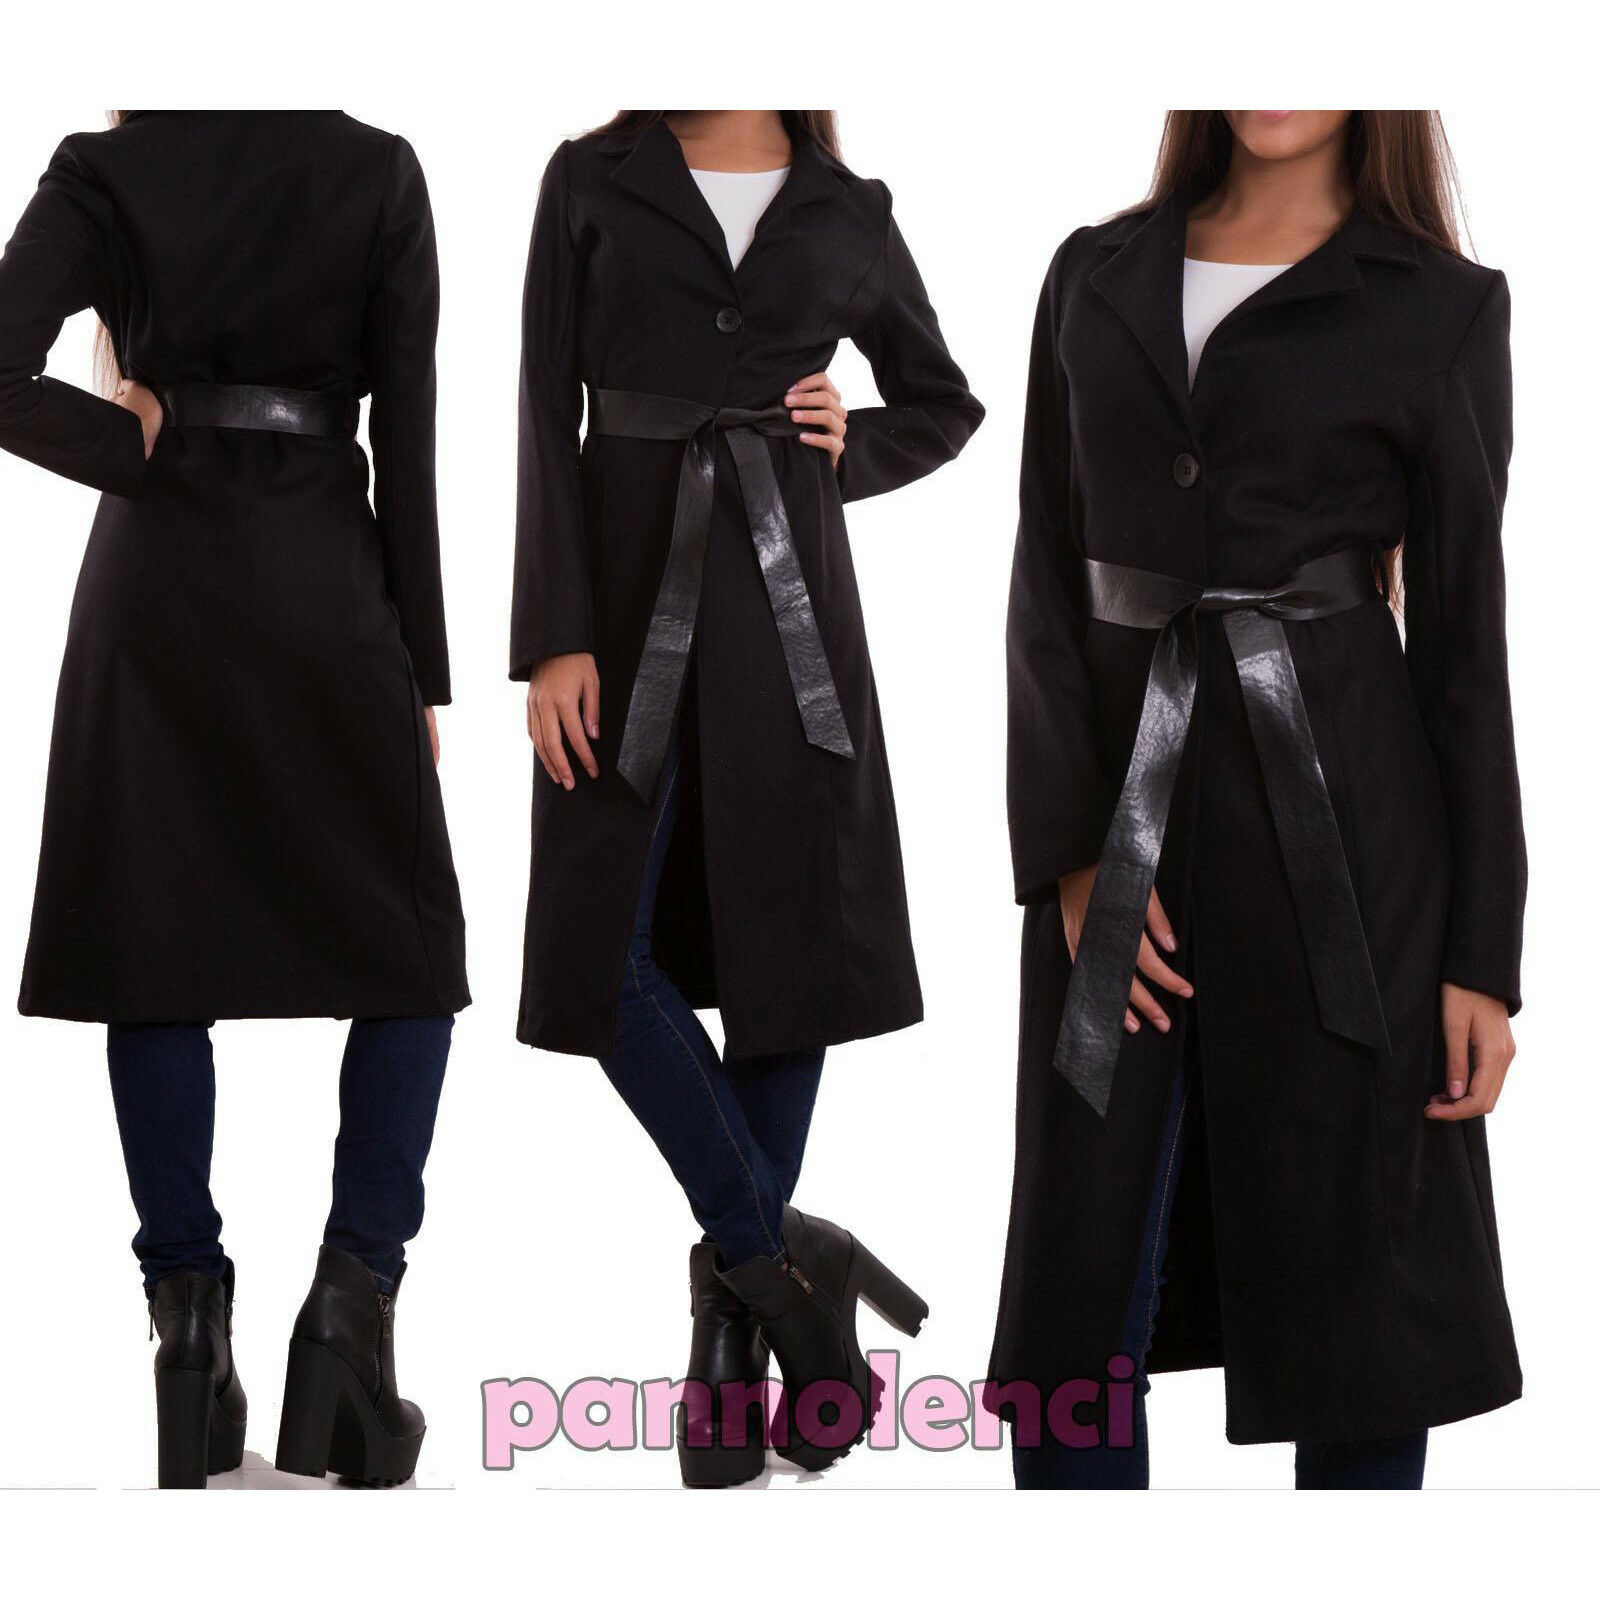 Manteau Femme Trench Laine Noir Élégant Veste Ceinture Cuir Écologique Neuf